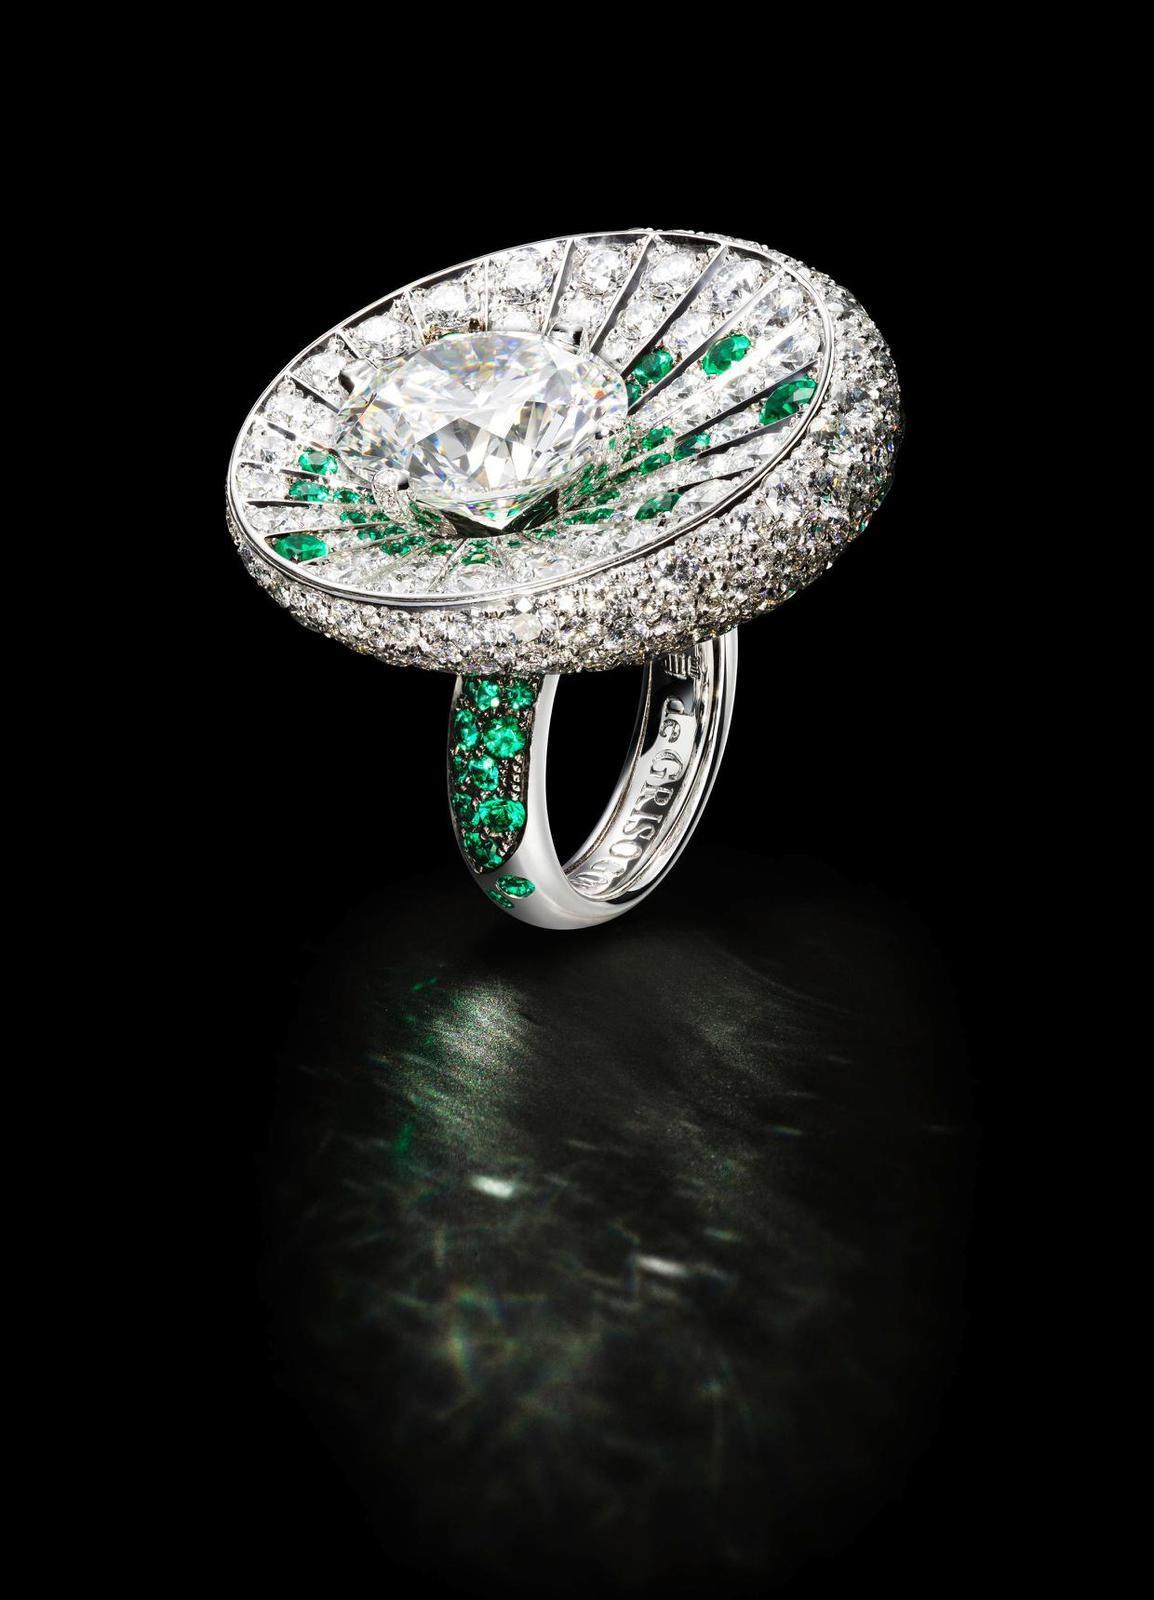 Bague Haute Joaillerie en or blanc sertie d'1 diamant rond de 10.15 carats, de 84 émeraudes (1.20 carats), et de 387 diamants blancs (8.97 carats) © de GRISOGONO